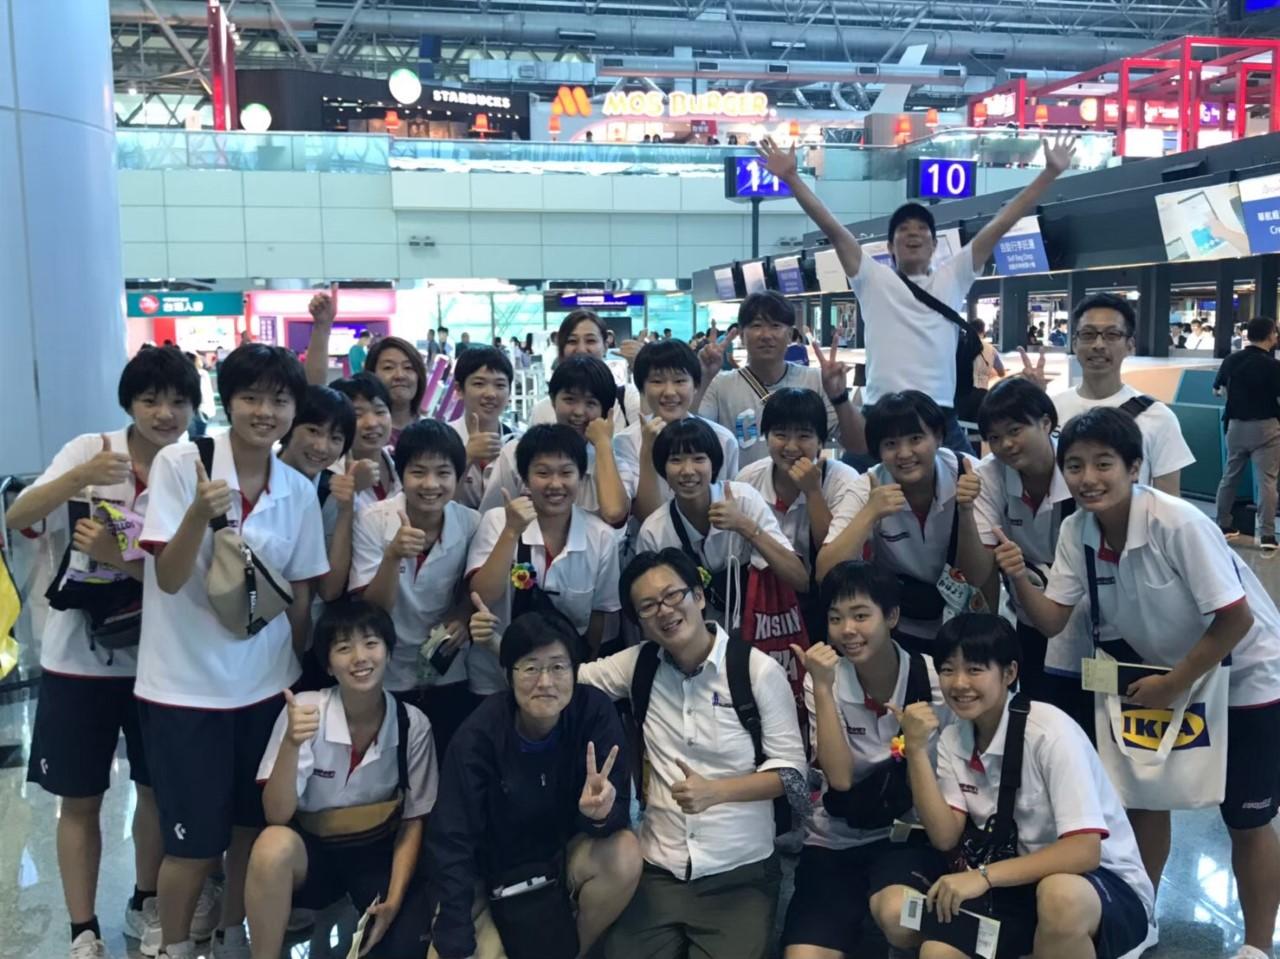 中学女子バスケット! 「台湾遠征」の報告